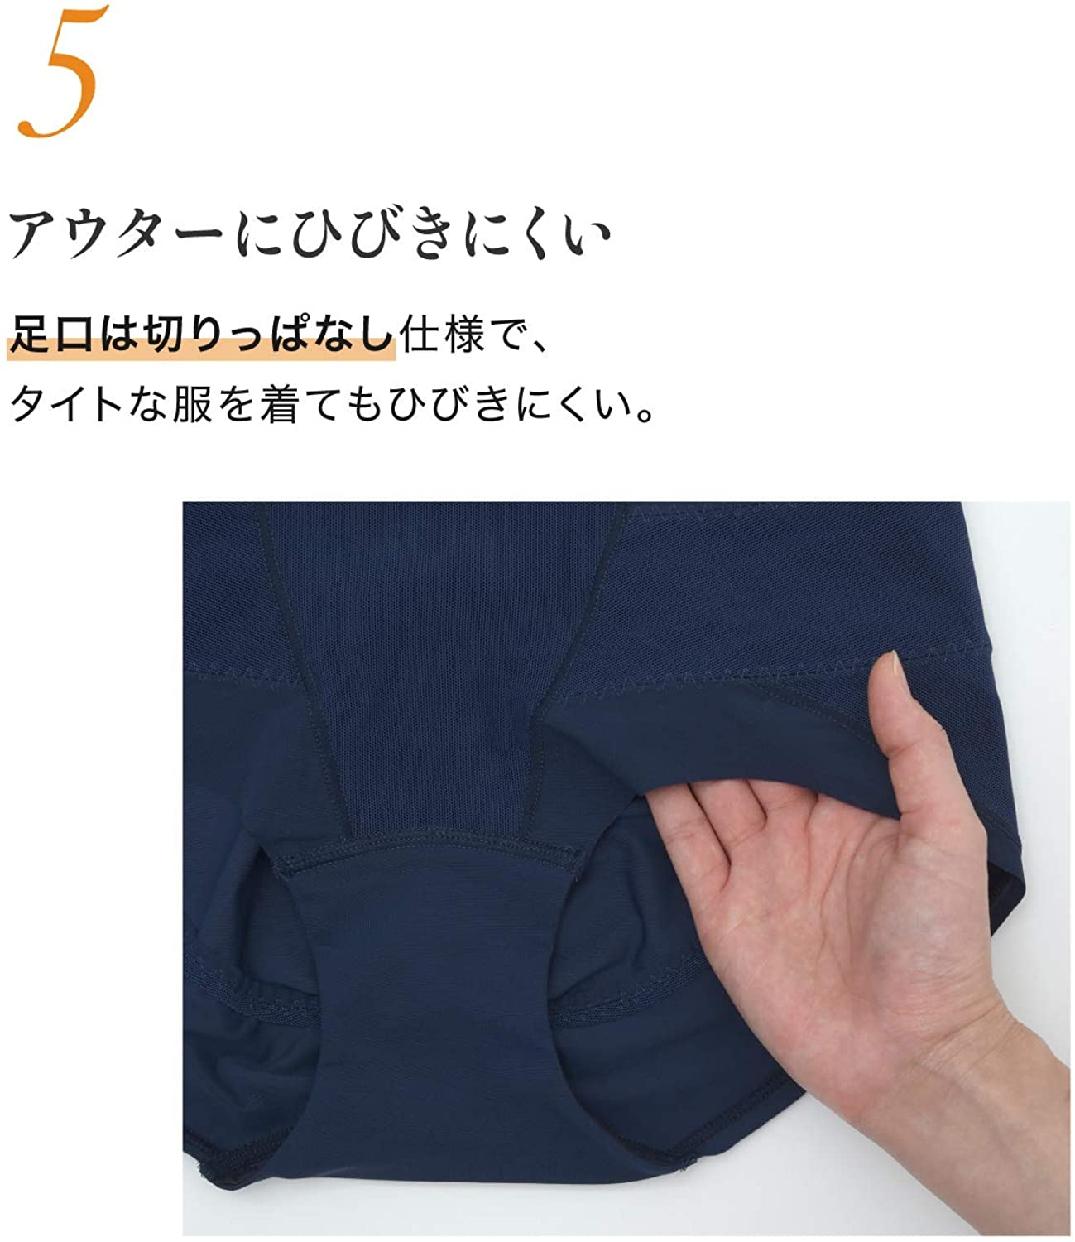 LECIEN(ルシアン)骨盤パンツ (ショート丈)の商品画像8